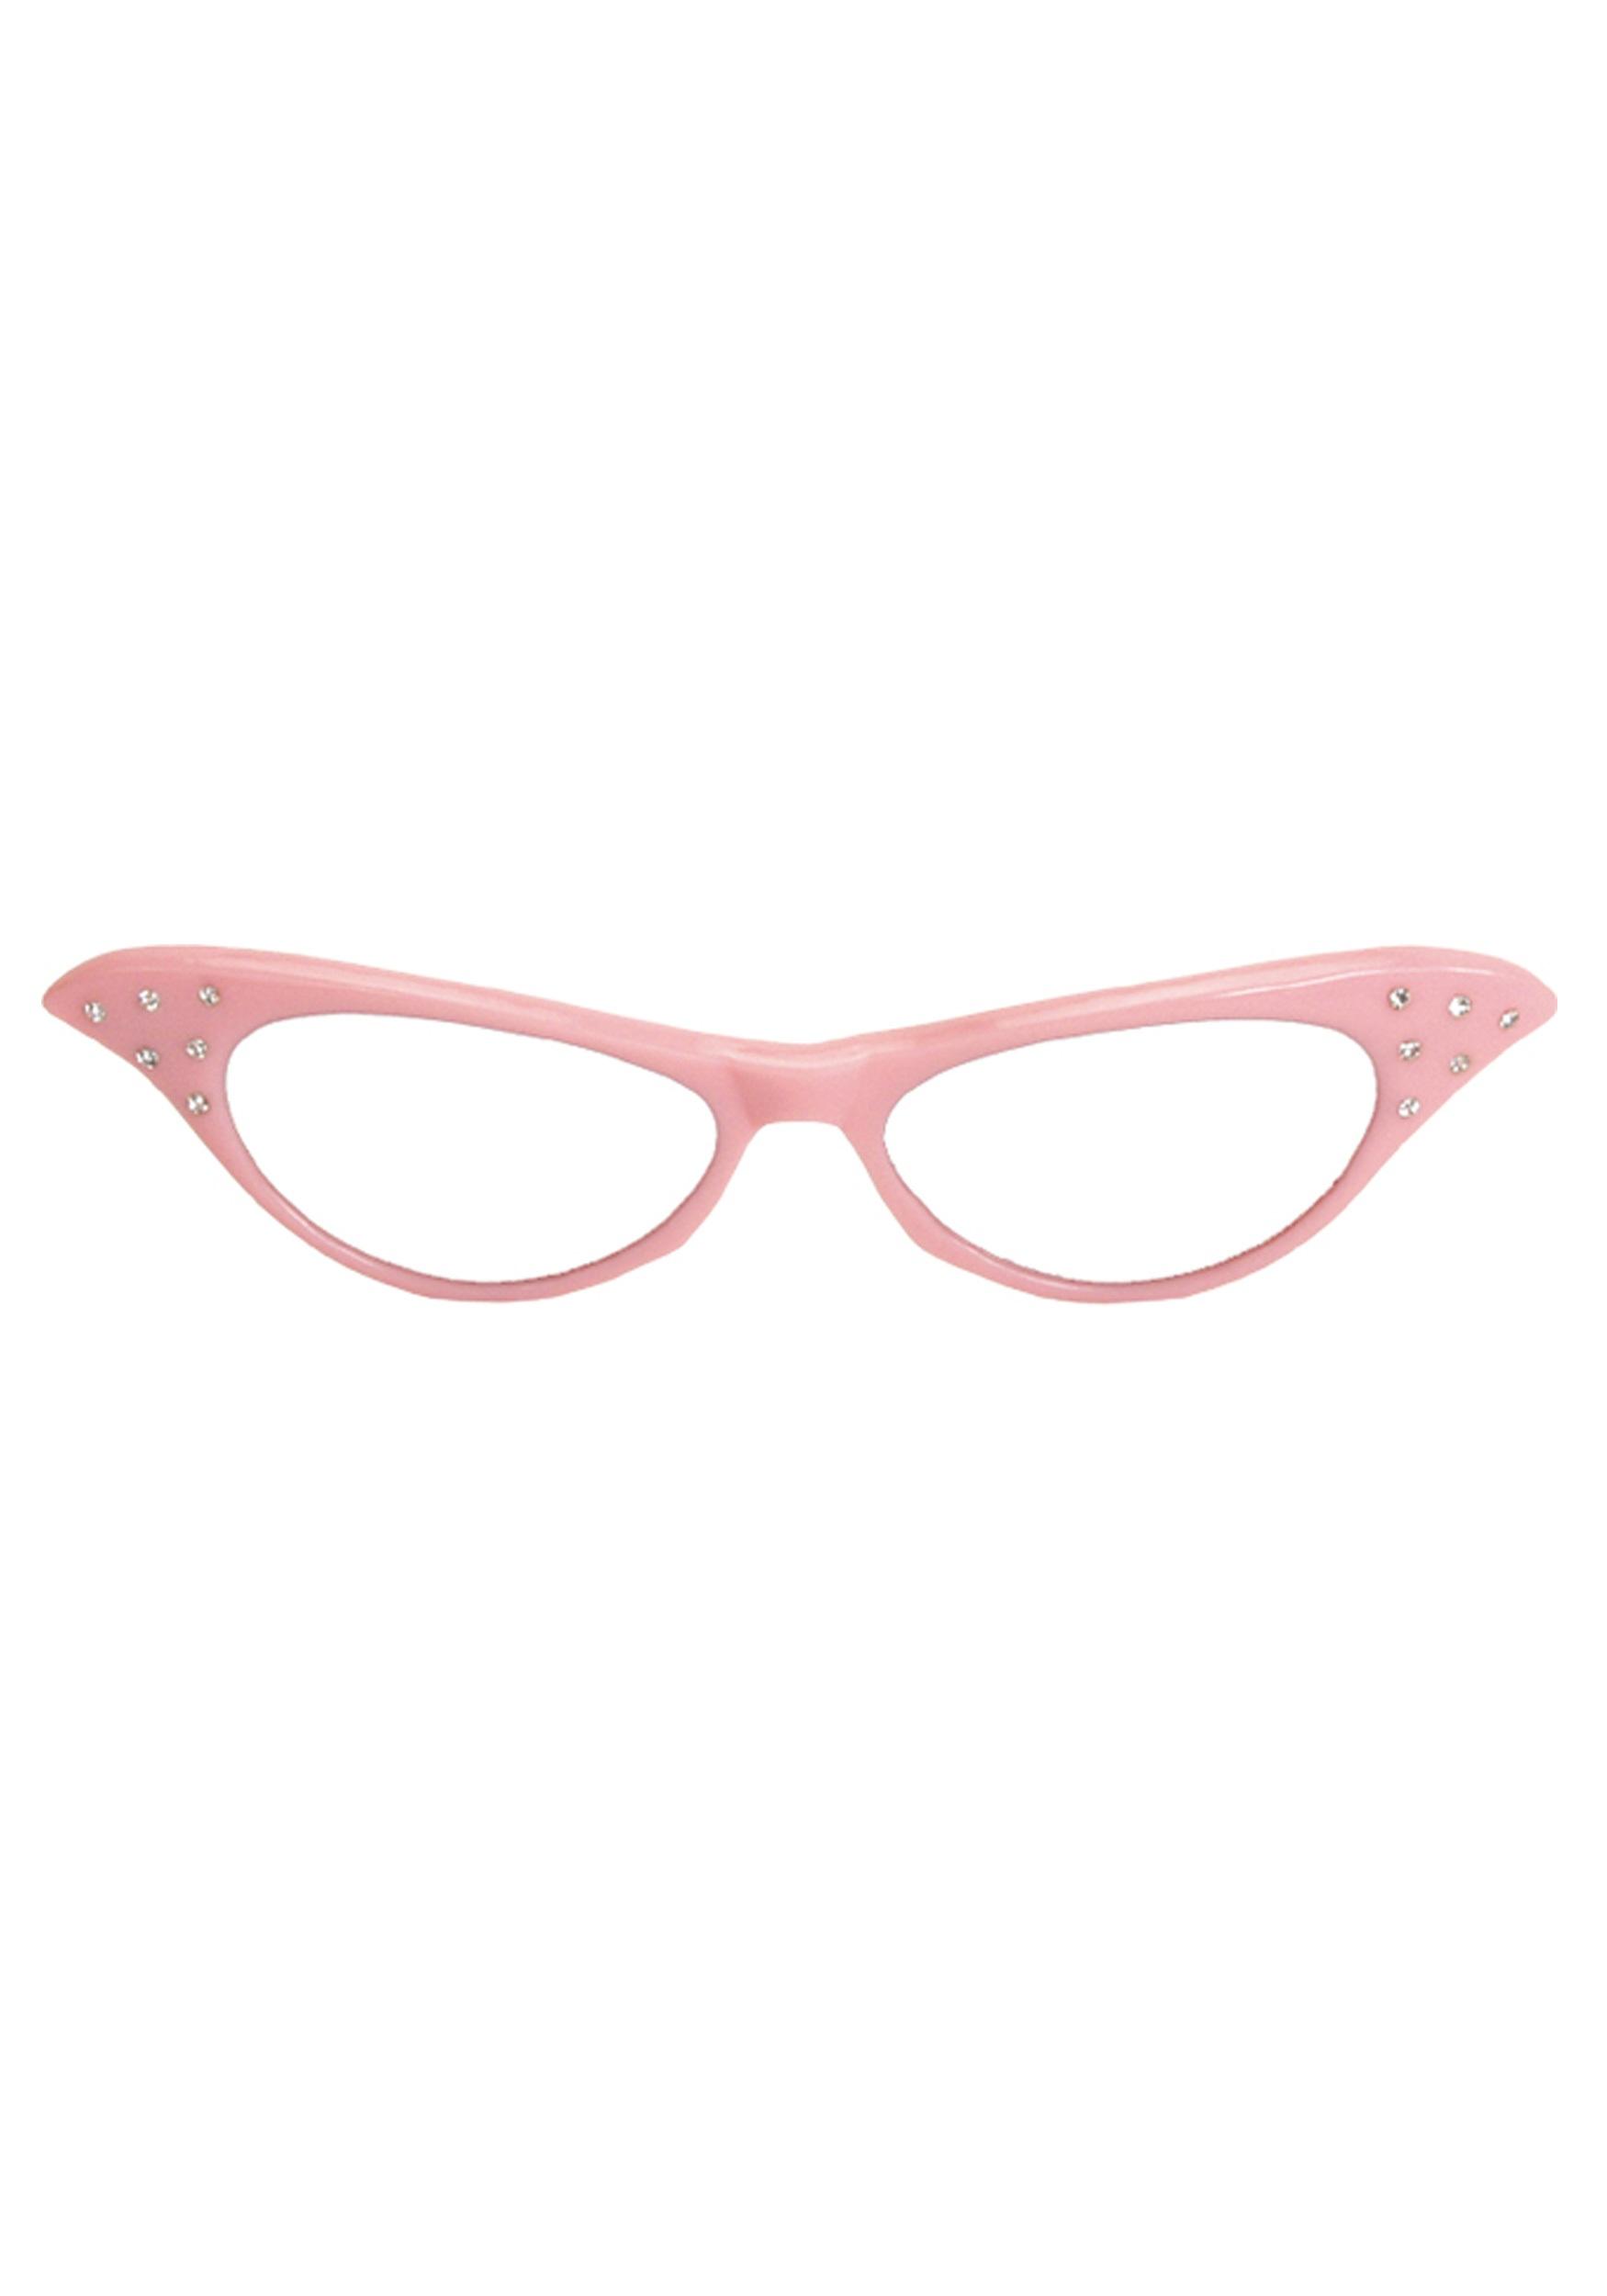 c596b9bf90c 50s-pink-frame-glasses.jpg